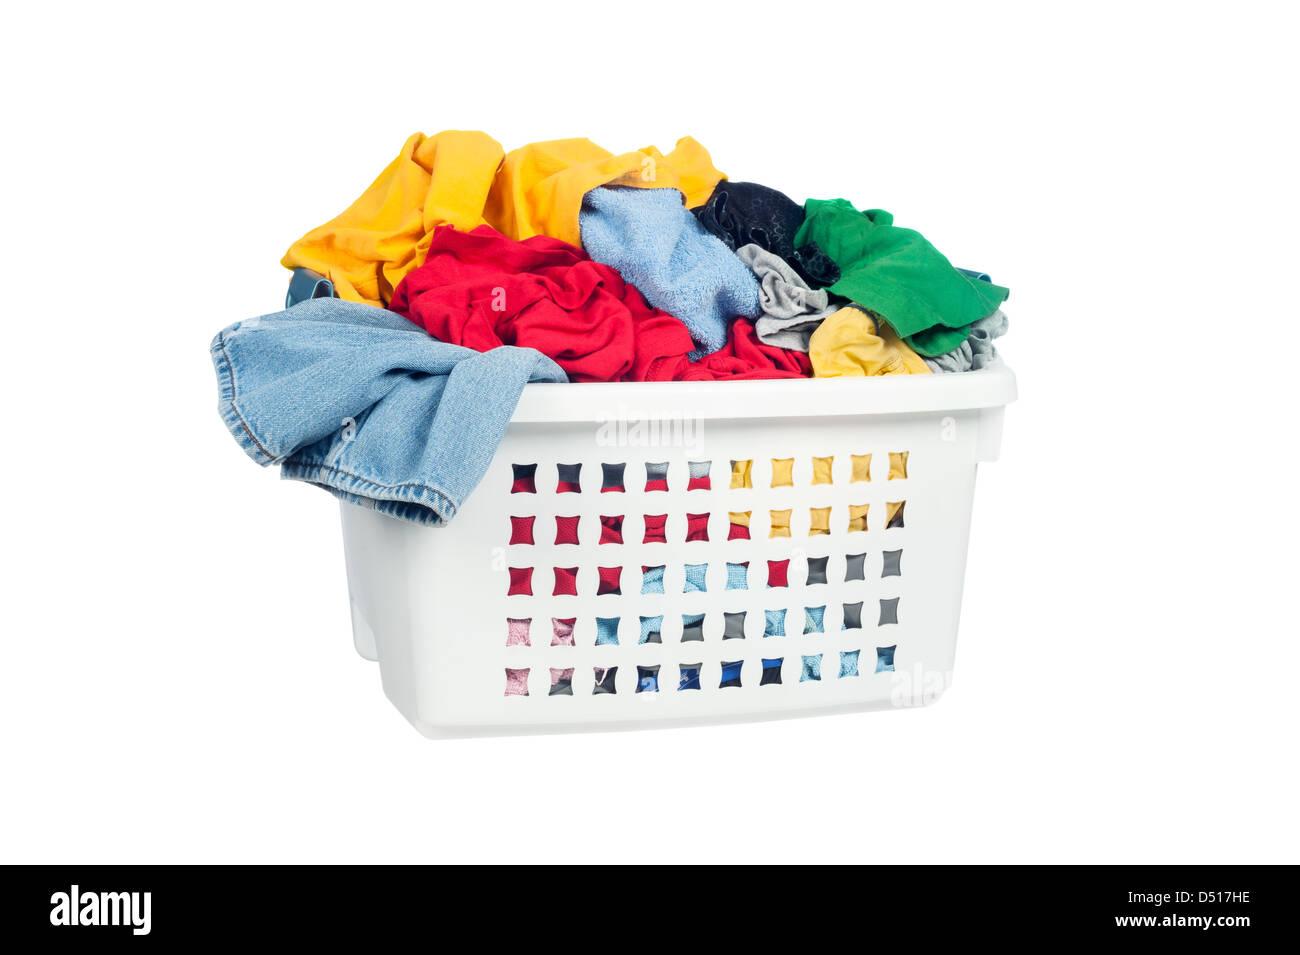 Cesto Per Panni Sporchi un cesto per la biancheria piena di vestiti sporchi pronto